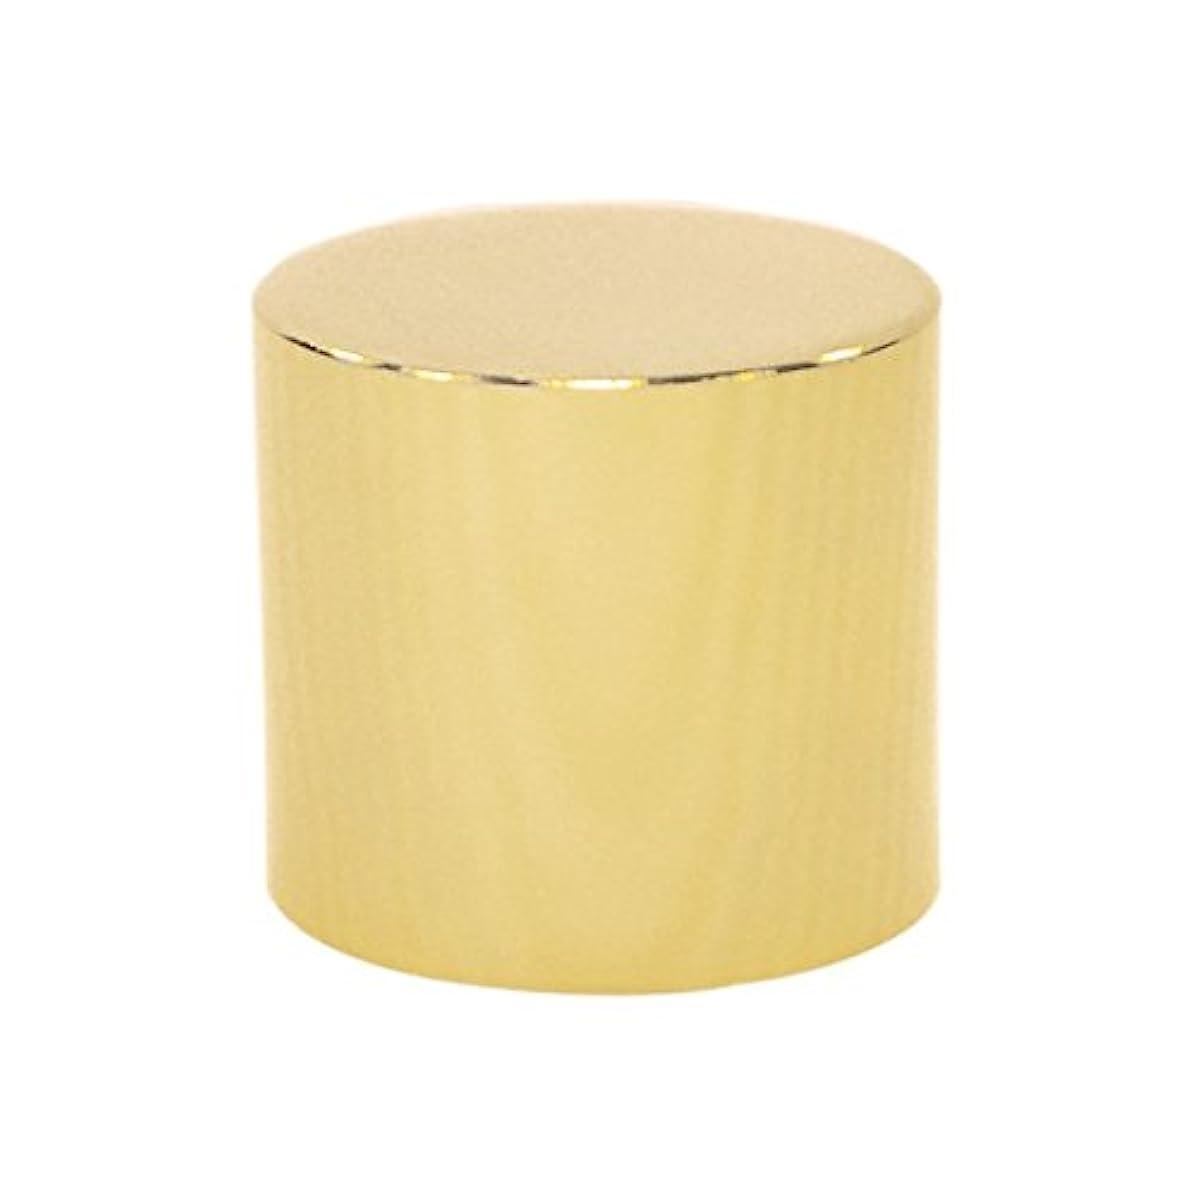 九時四十五分句親愛なランプベルジェ(LAMPE BERGER)消火キャップ【正規輸入品】密閉蓋ゴールド